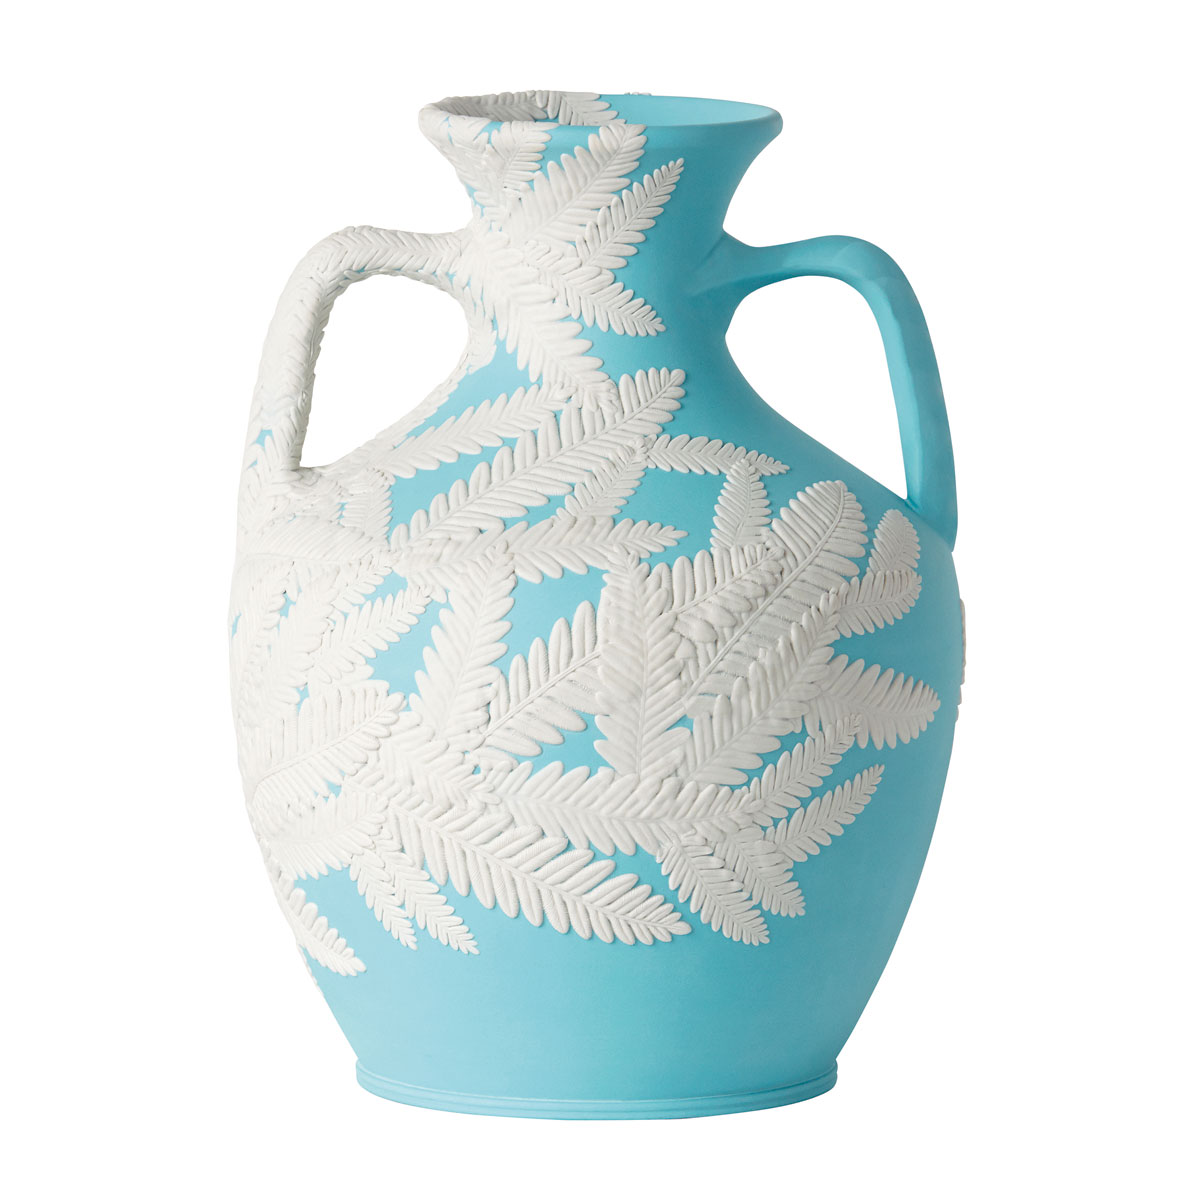 Wedgwood by Hitomi Hosono Shoka Vase Limited Edition of 5